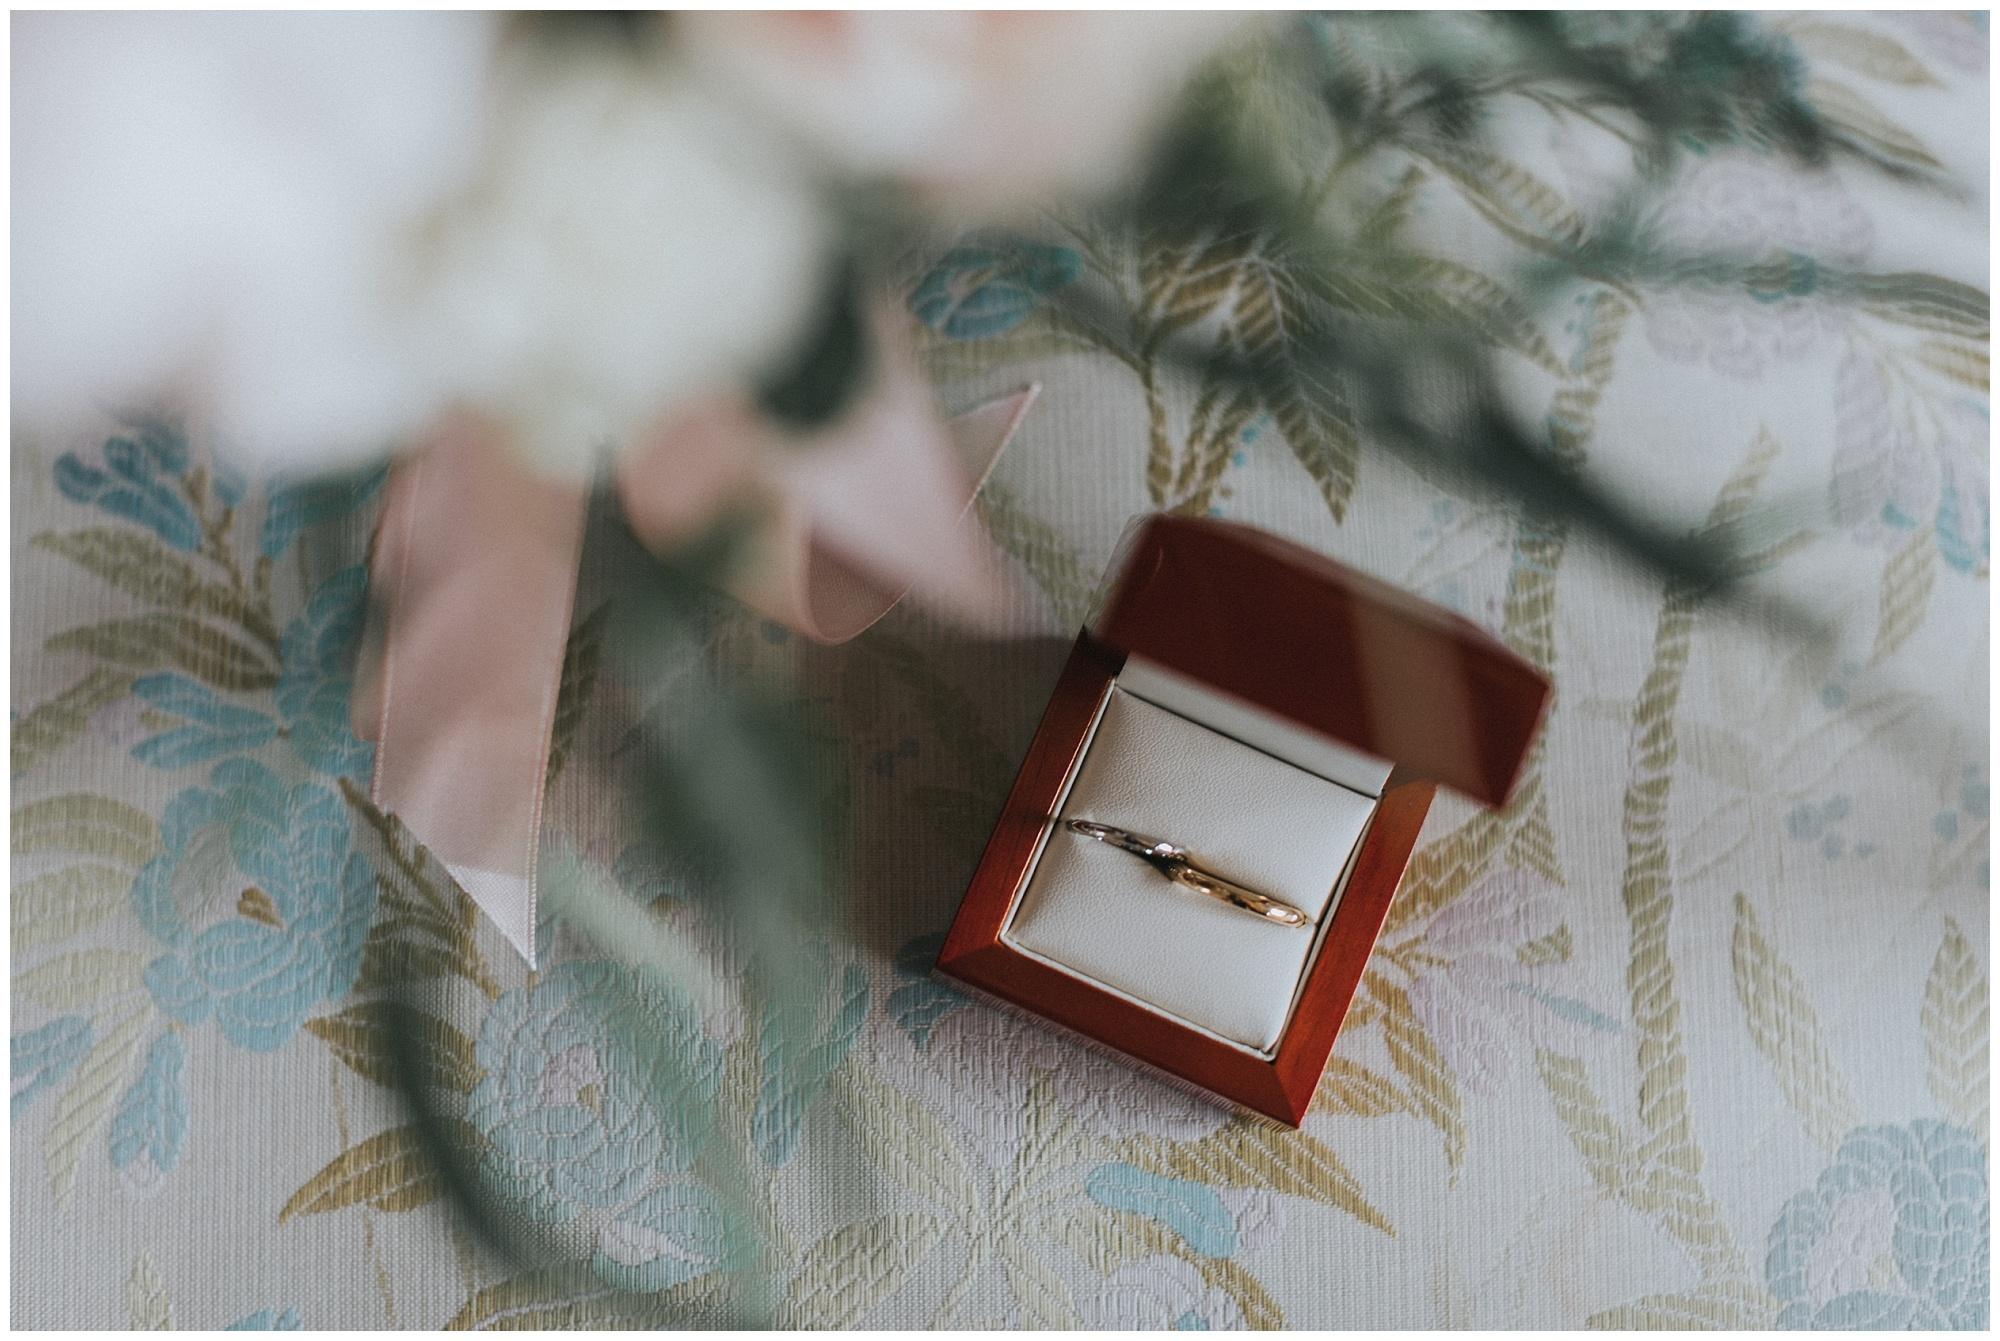 Kateryna-photos-photographer-reims-domaine-des-evis-mariage-normandie-bouquet-de-roses-alliances-cartier-dans-la-boite